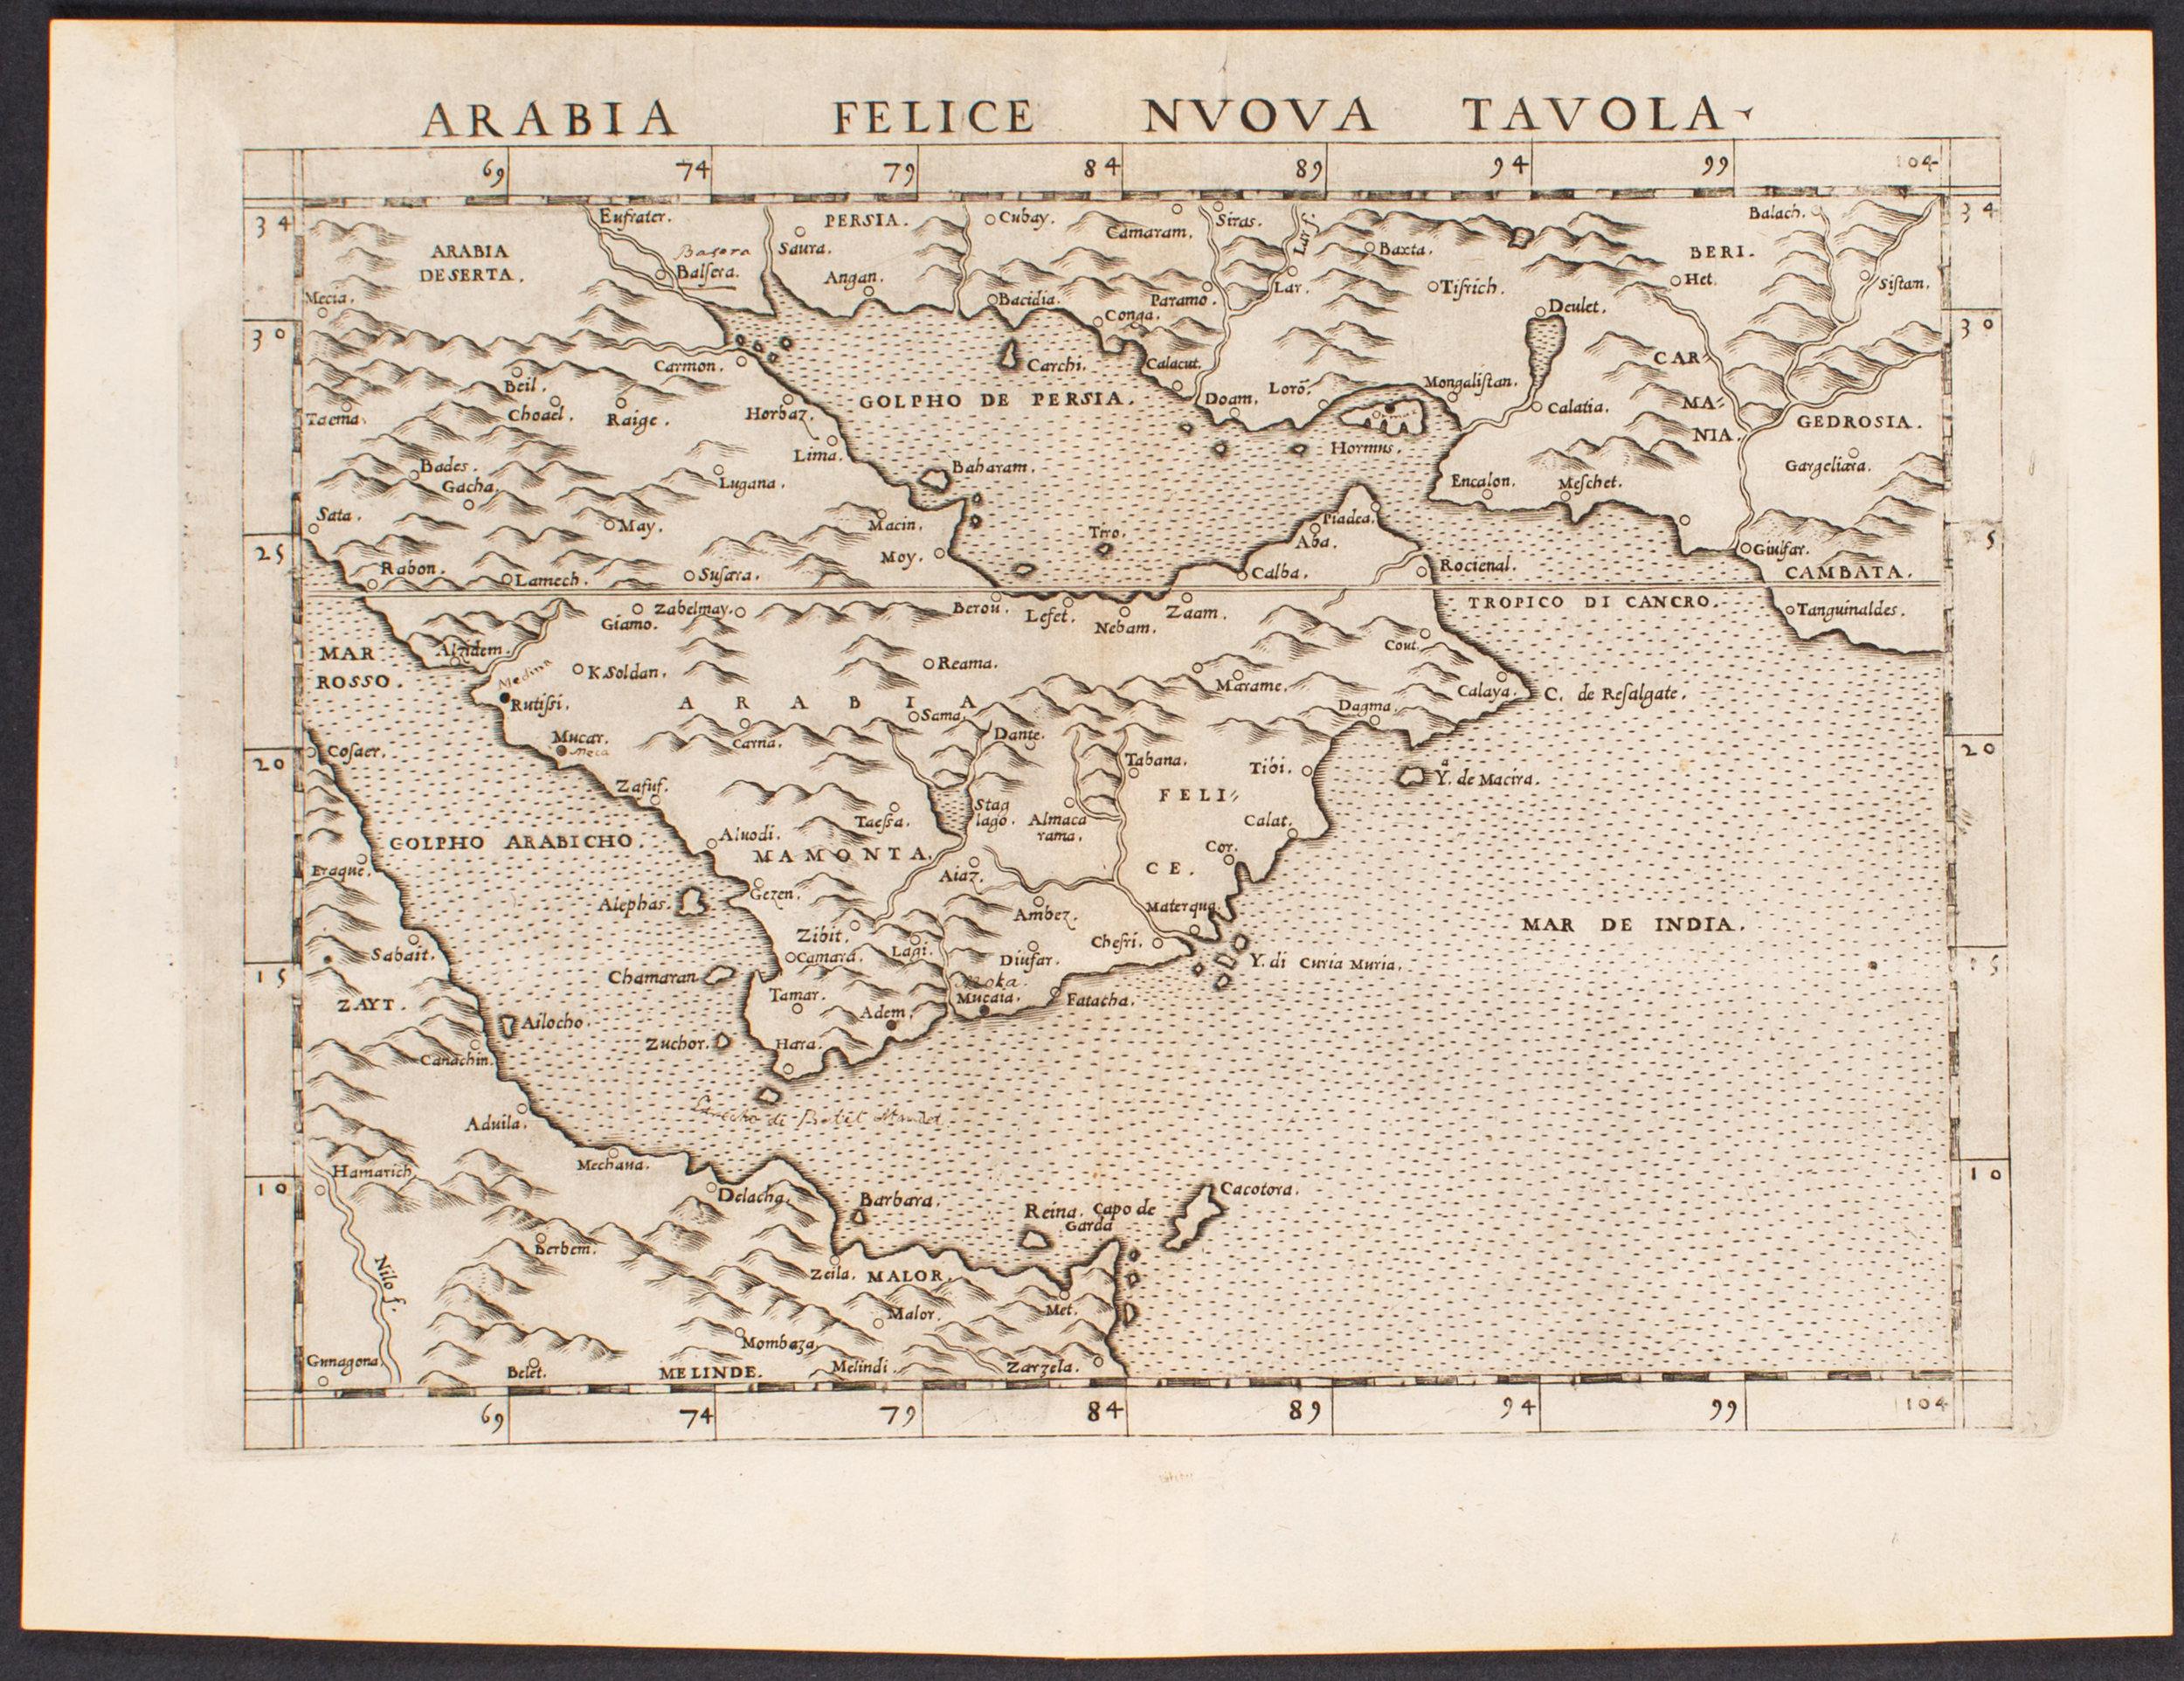 1561 - Ruscelli